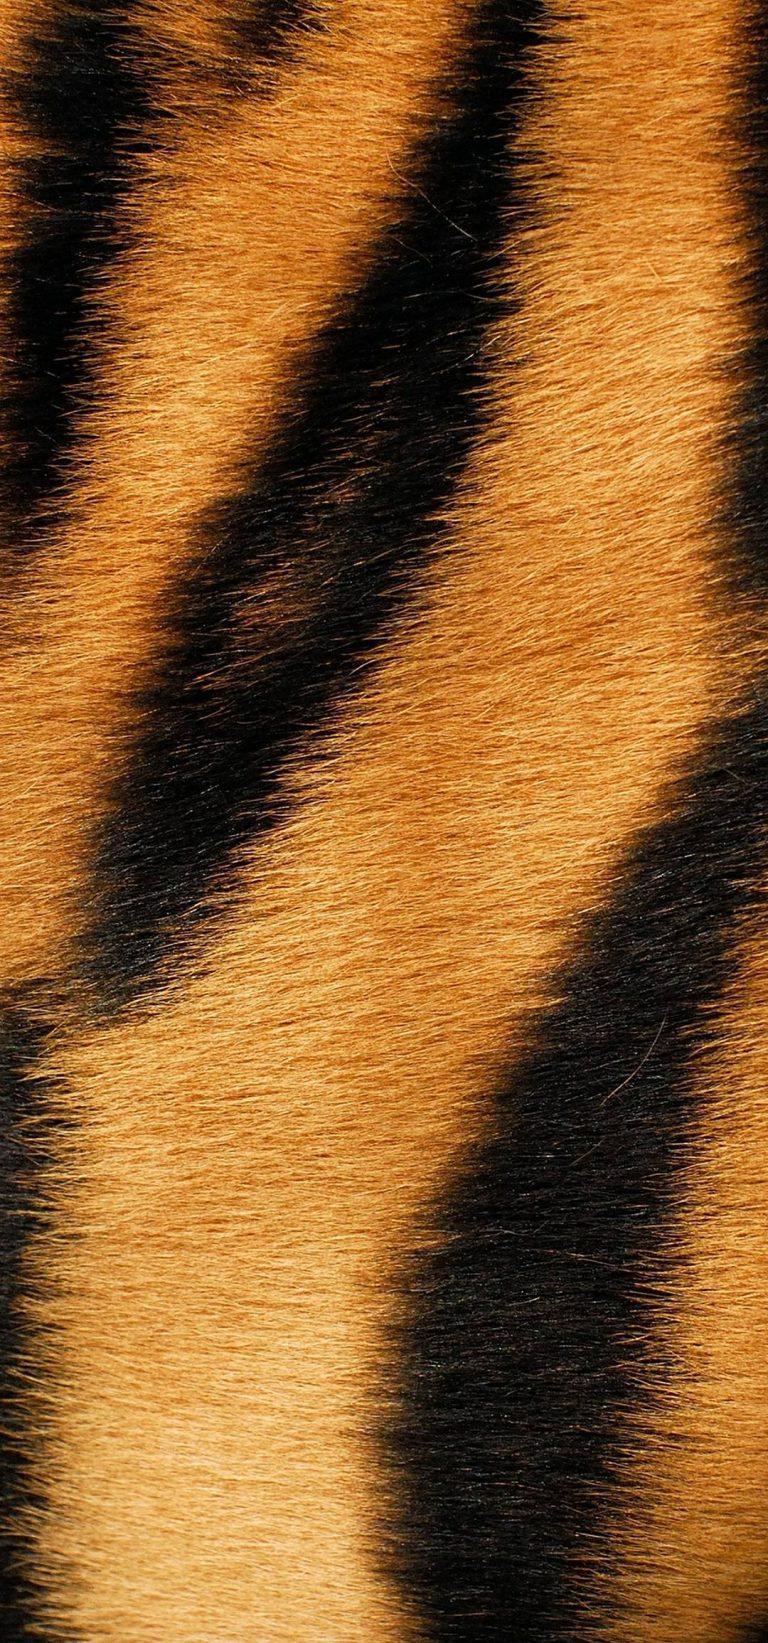 1080x2310 Wallpaper 119 768x1643